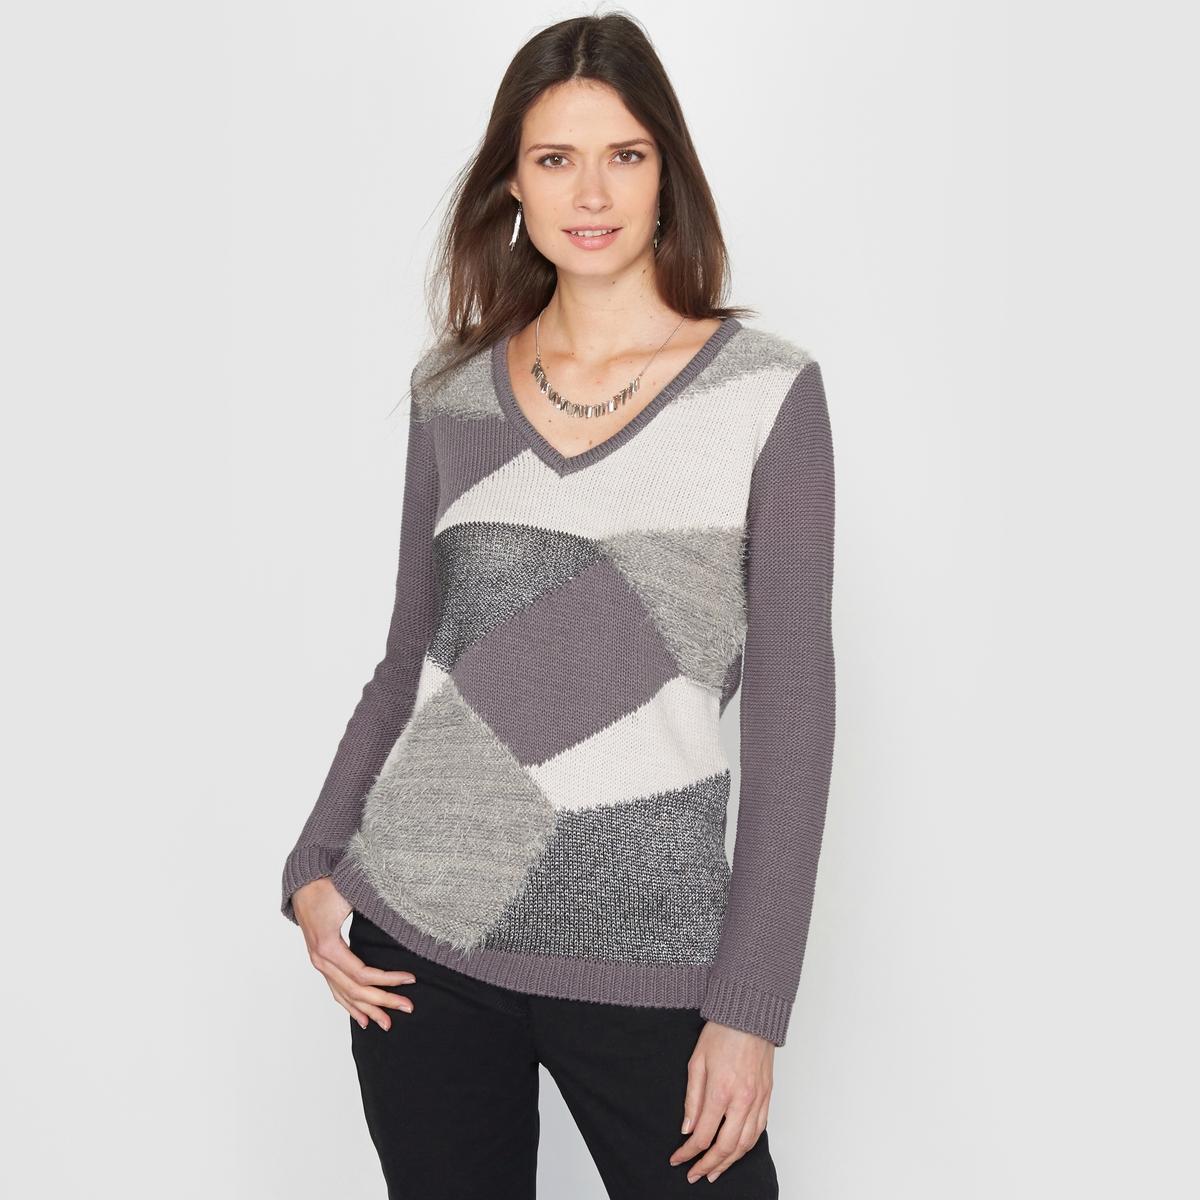 Пуловер из оригинального трикотажа пуловер с капюшоном из оригинального трикотажа